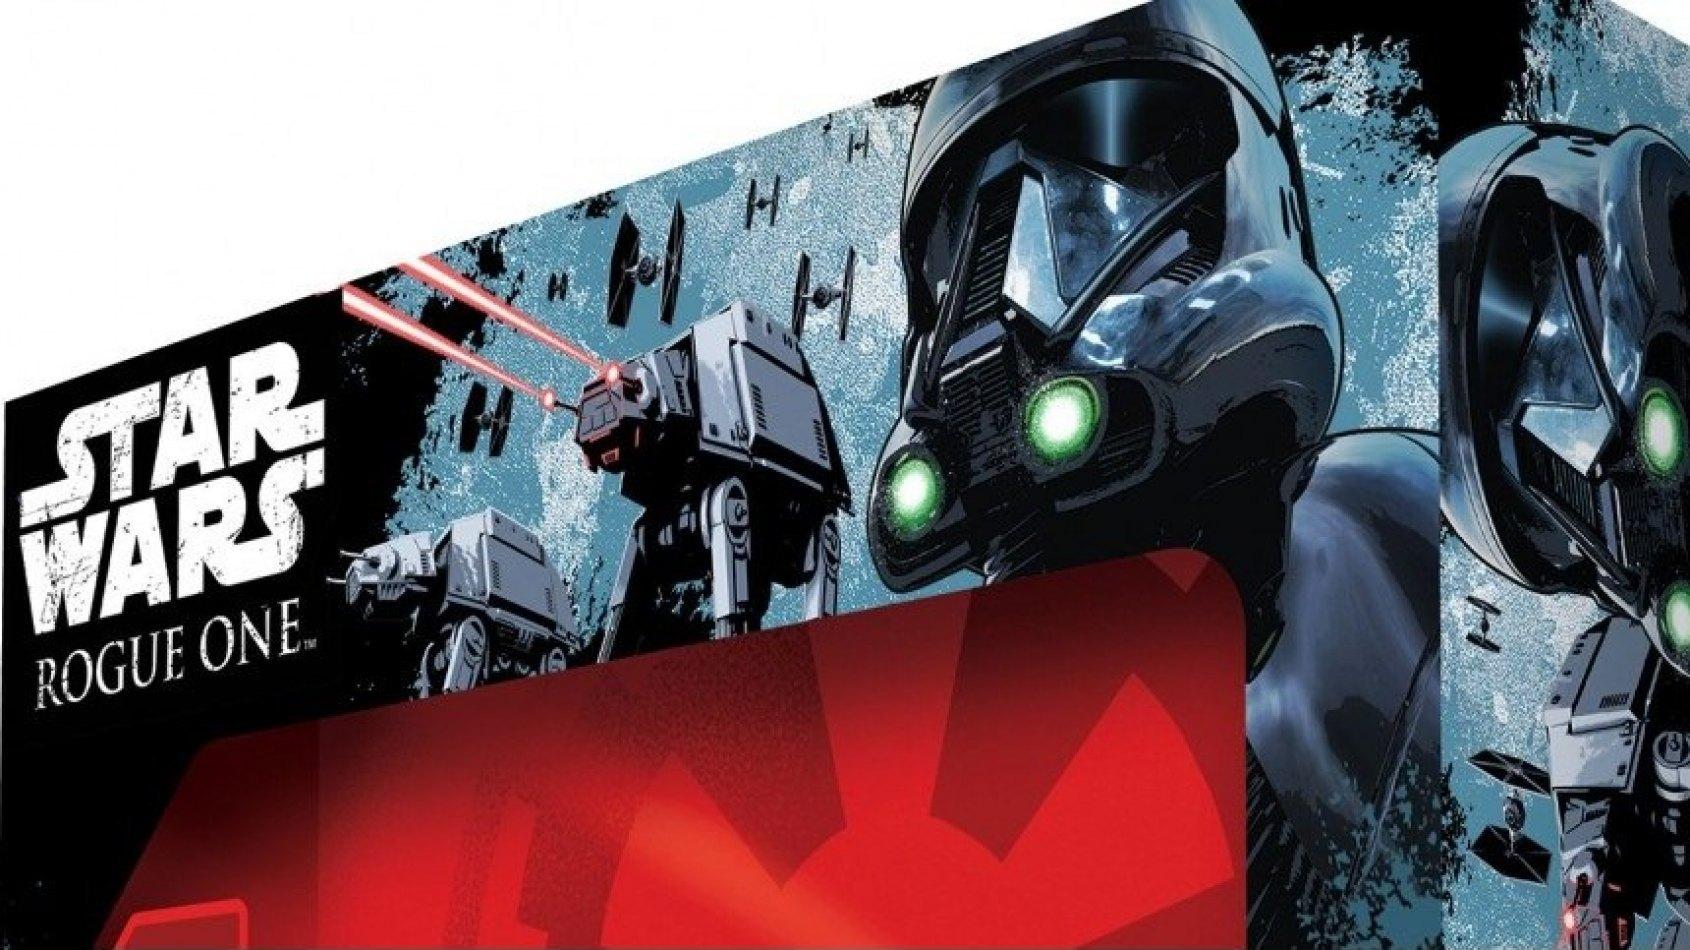 Les plans pour Hasbro sur Star Wars en 2017 !